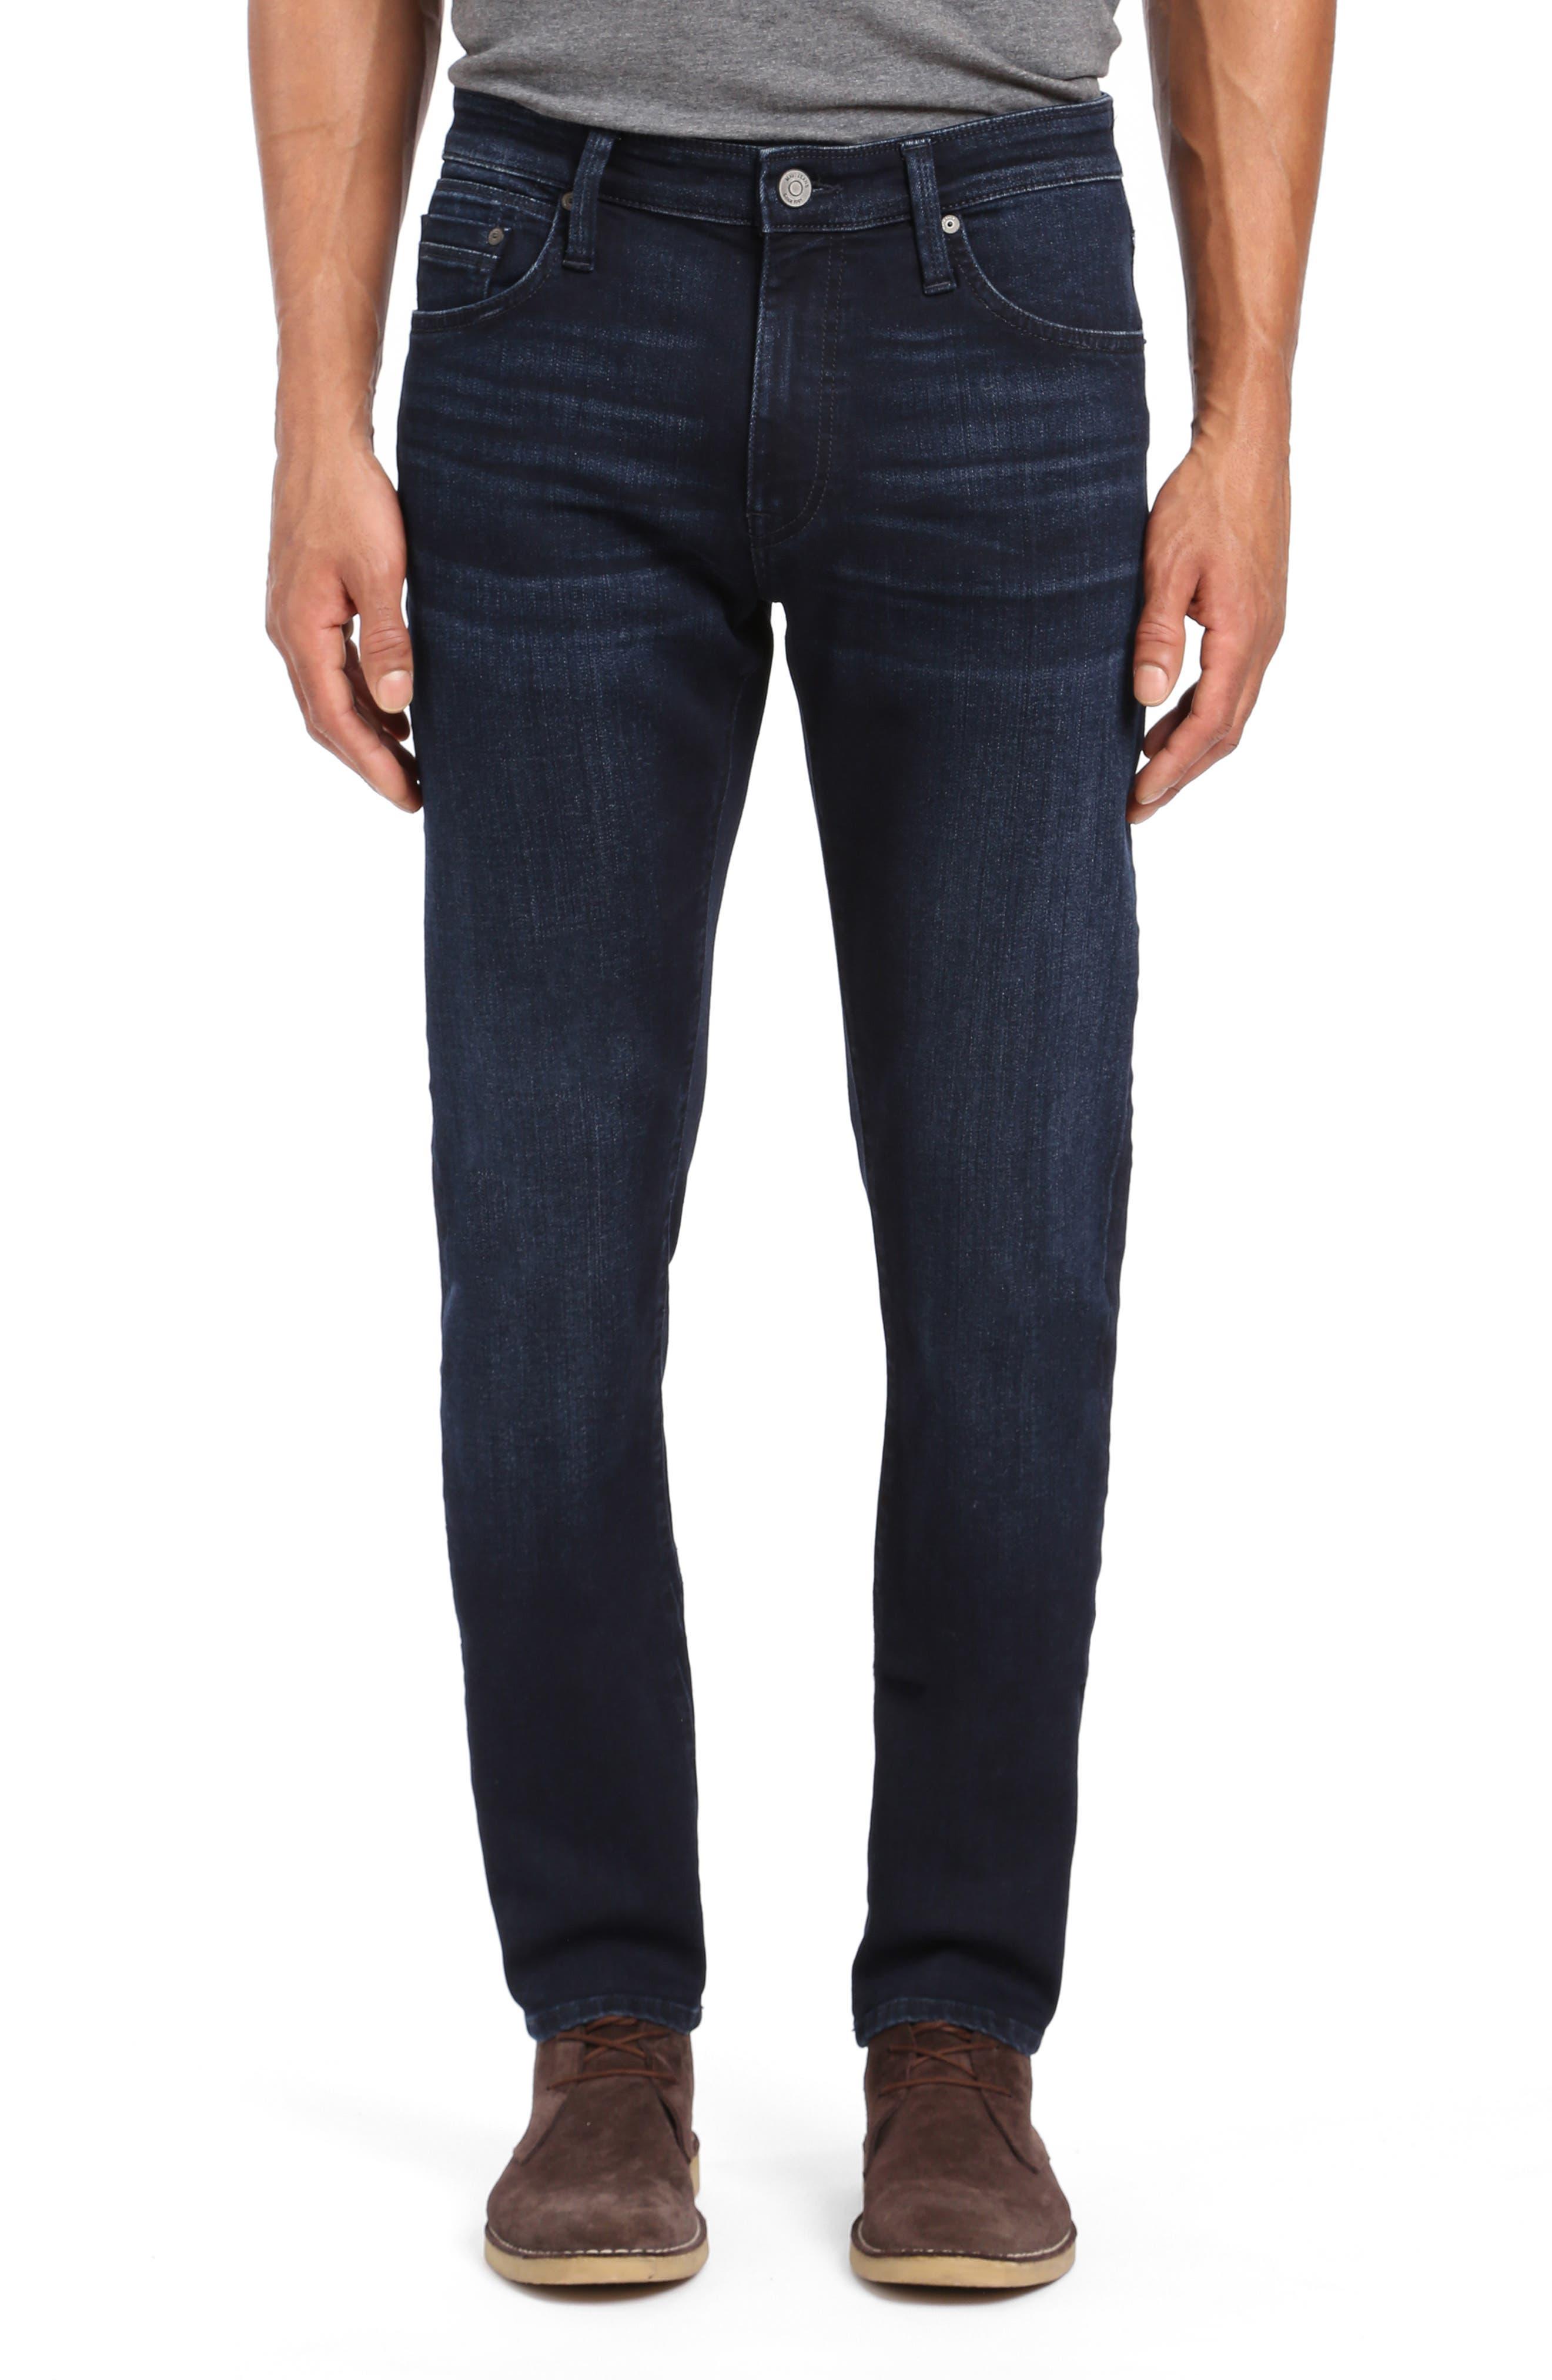 MAVI JEANS, Jake Skinny Fit Jeans, Main thumbnail 1, color, 401